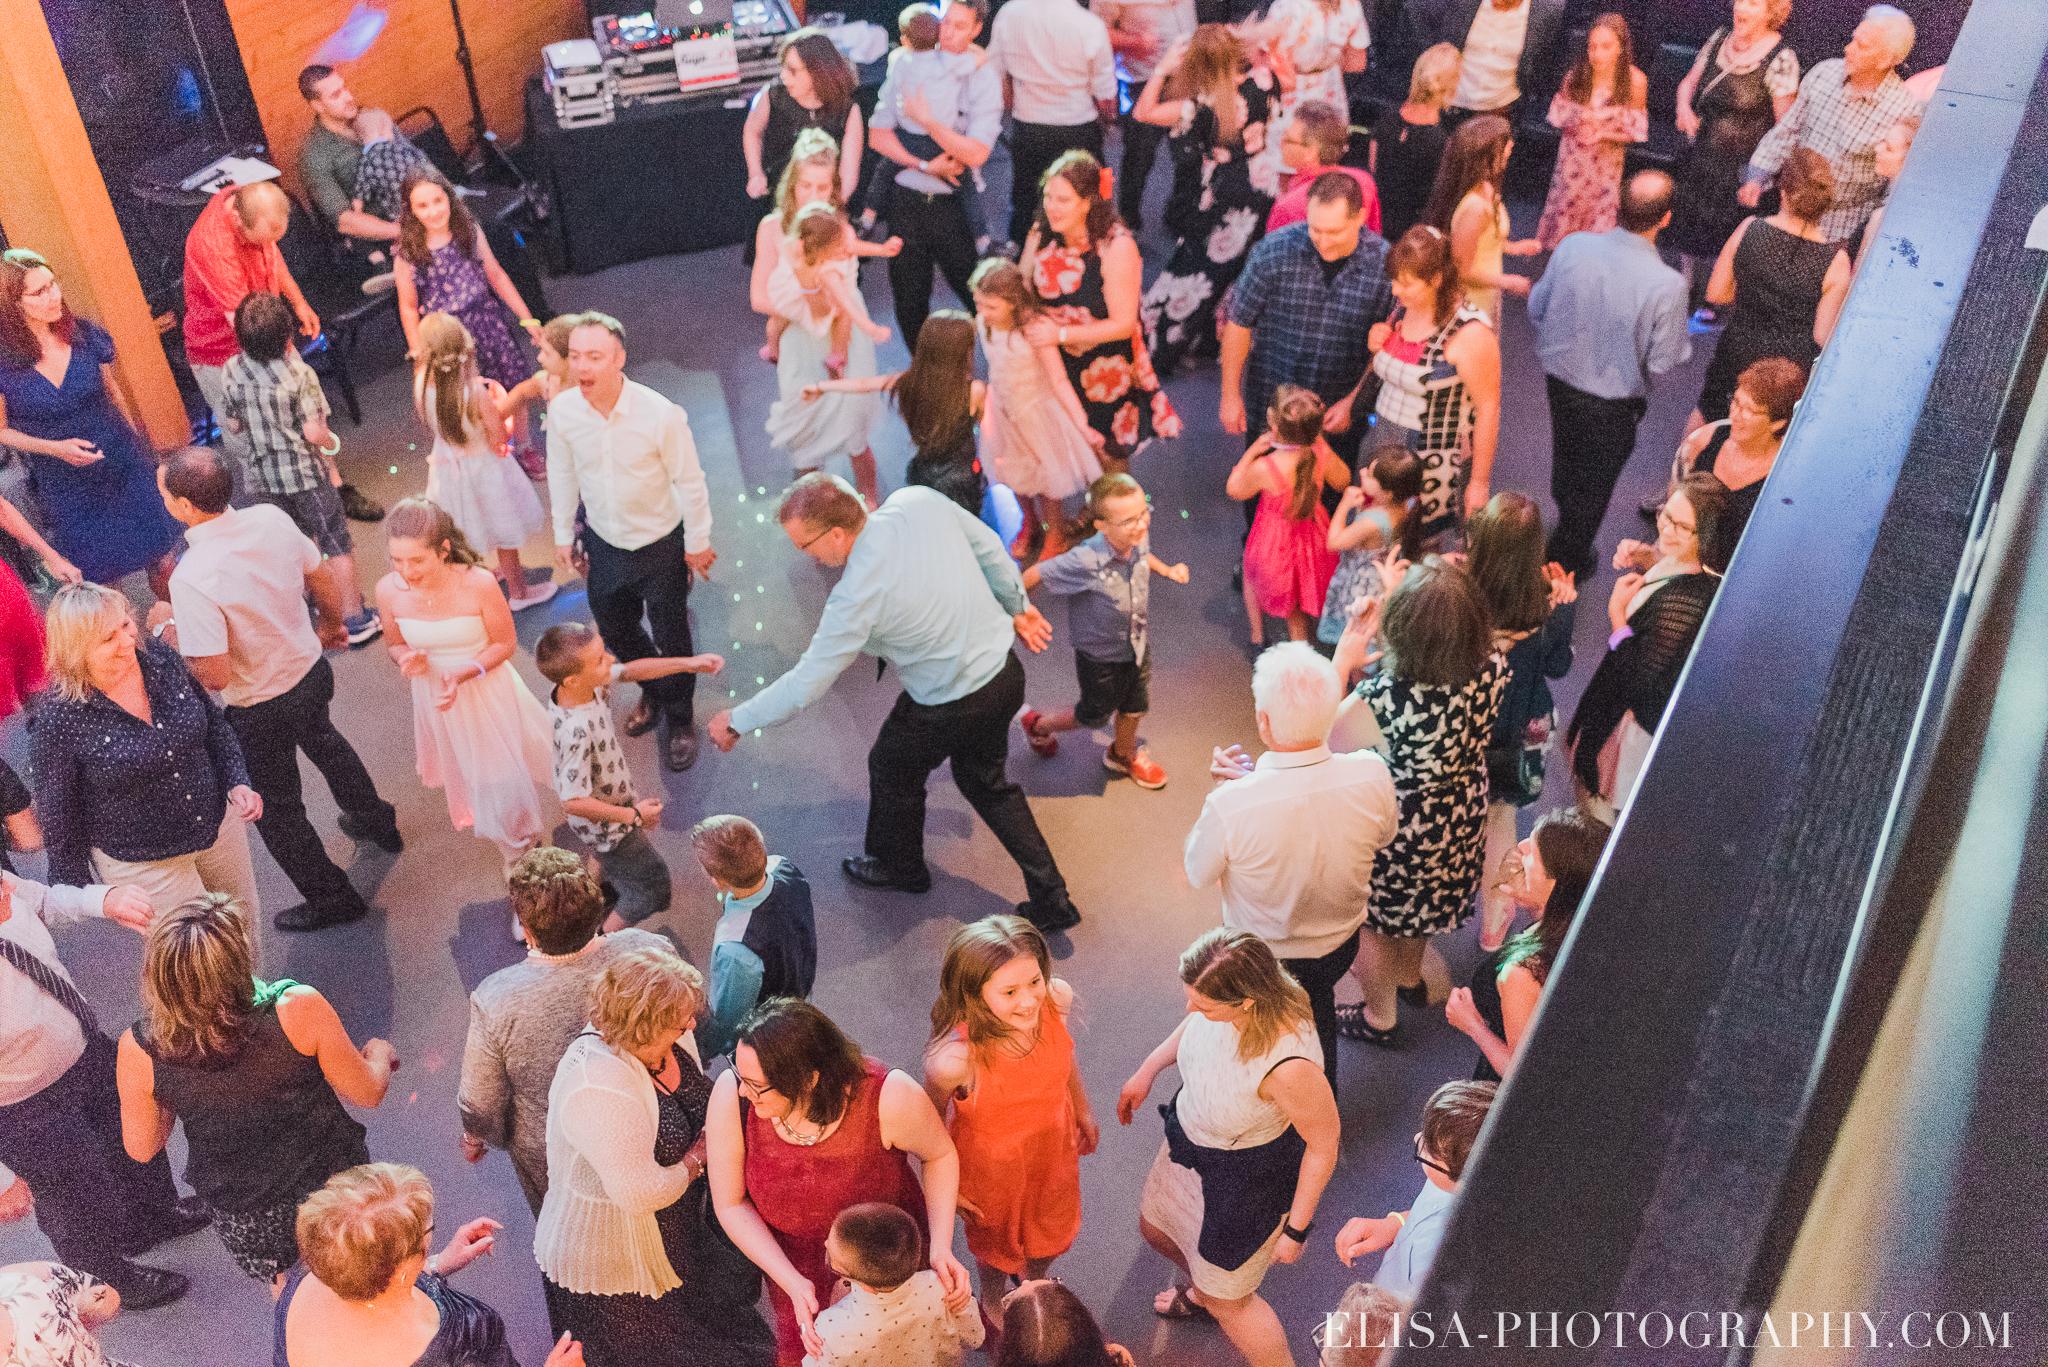 photo mariage quebec baie beauport reception fete danse des maries jeux soulier 9152 - Mariage à la plage de la baie de Beauport